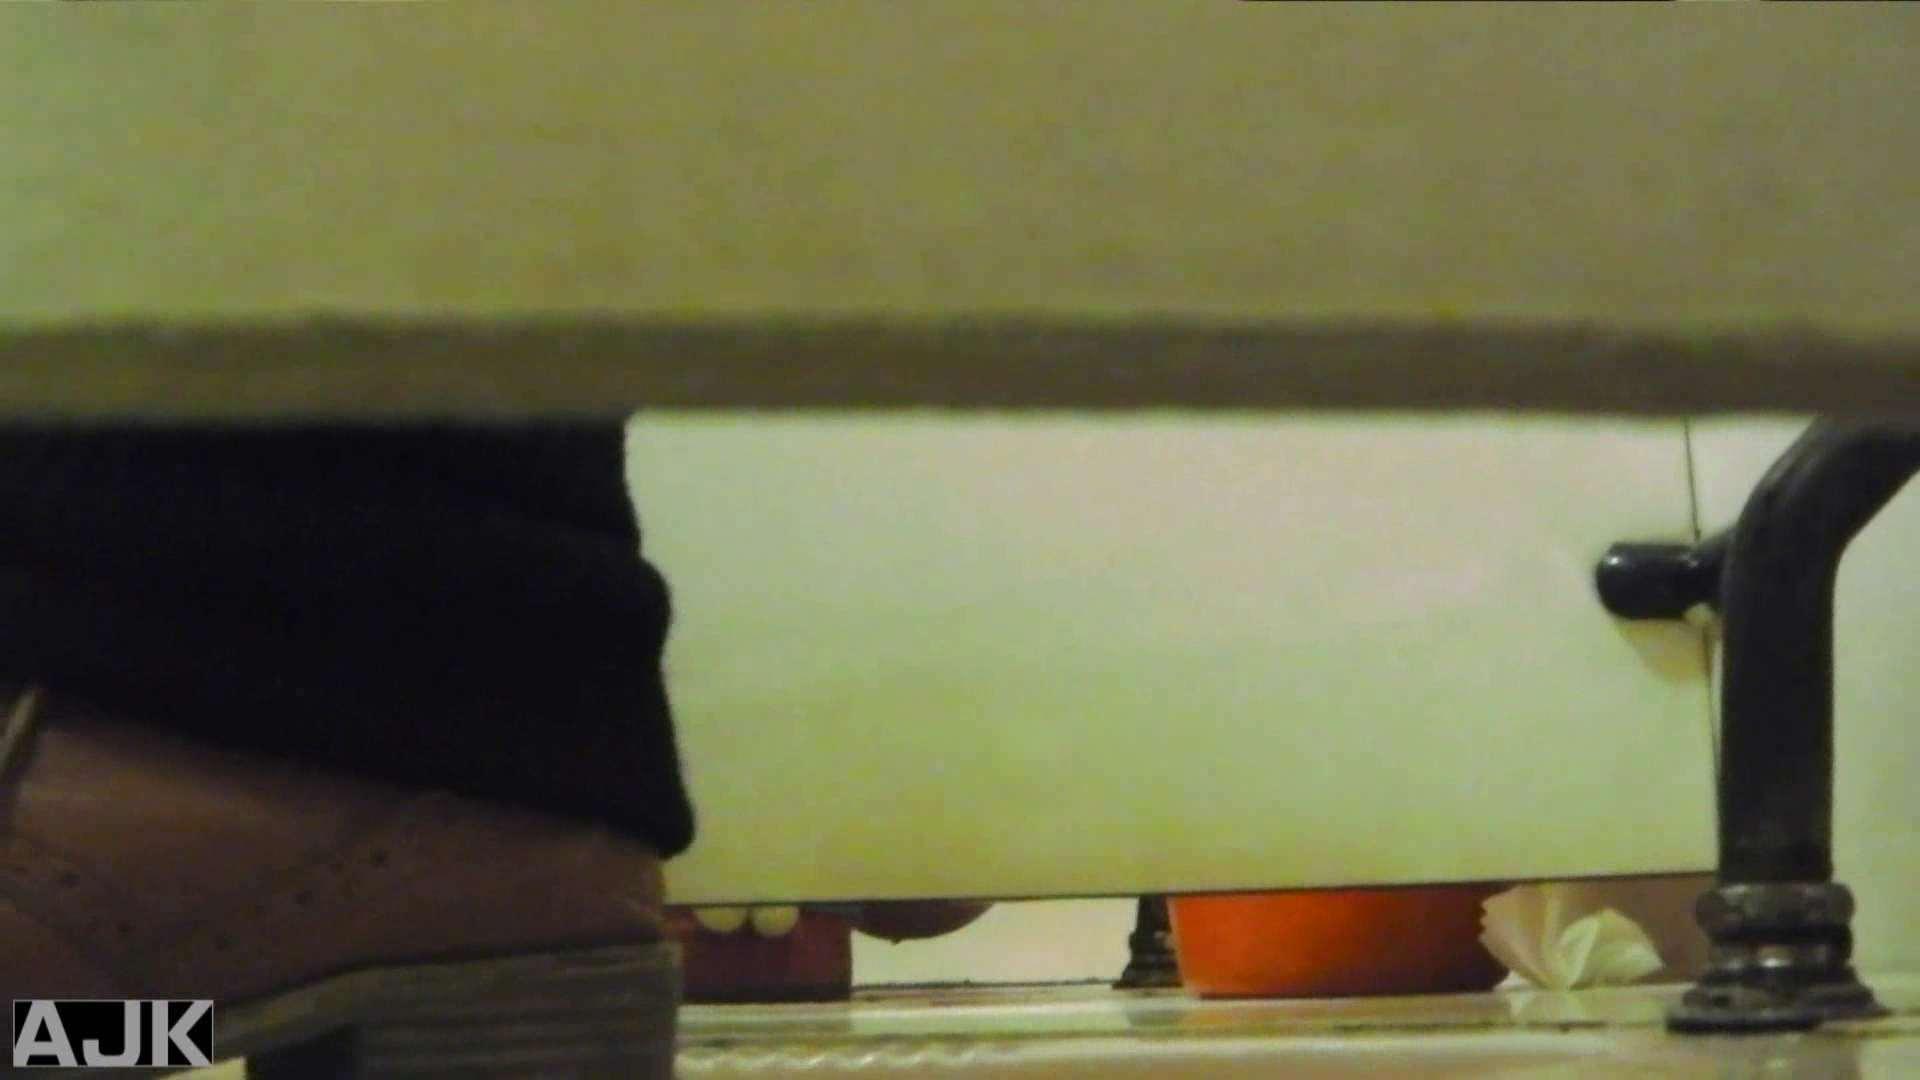 隣国上階級エリアの令嬢たちが集うデパートお手洗い Vol.14 美女H映像   洗面所  57画像 47